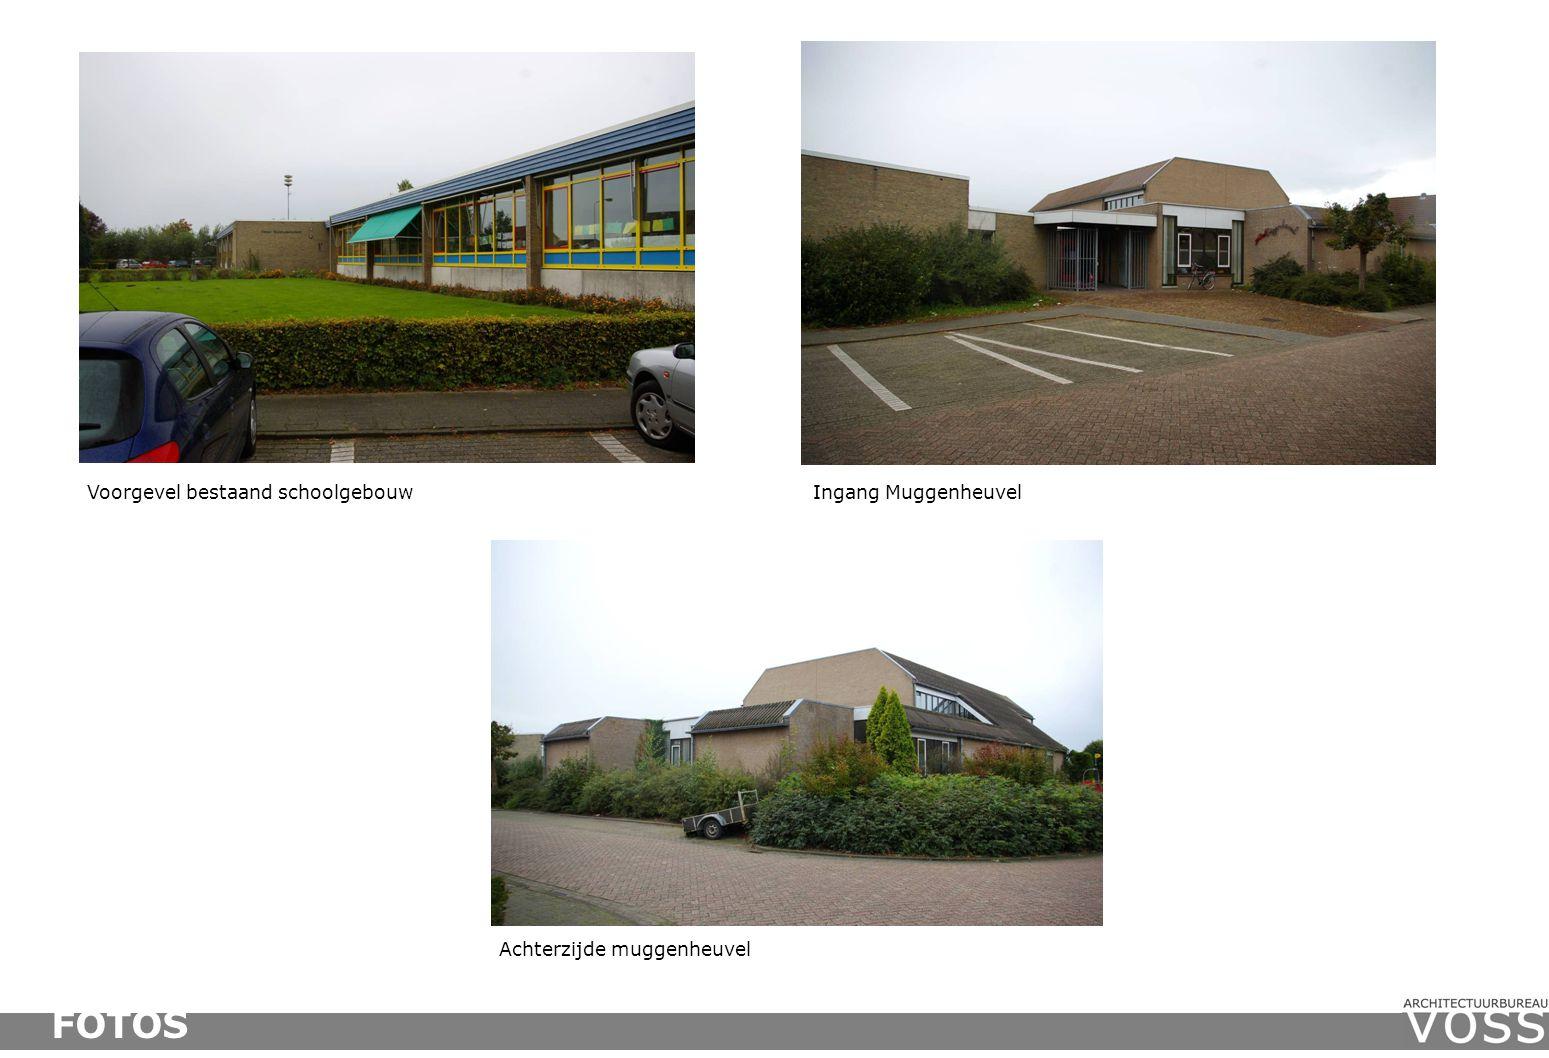 FOTOS Voorgevel bestaand schoolgebouw Ingang Muggenheuvel